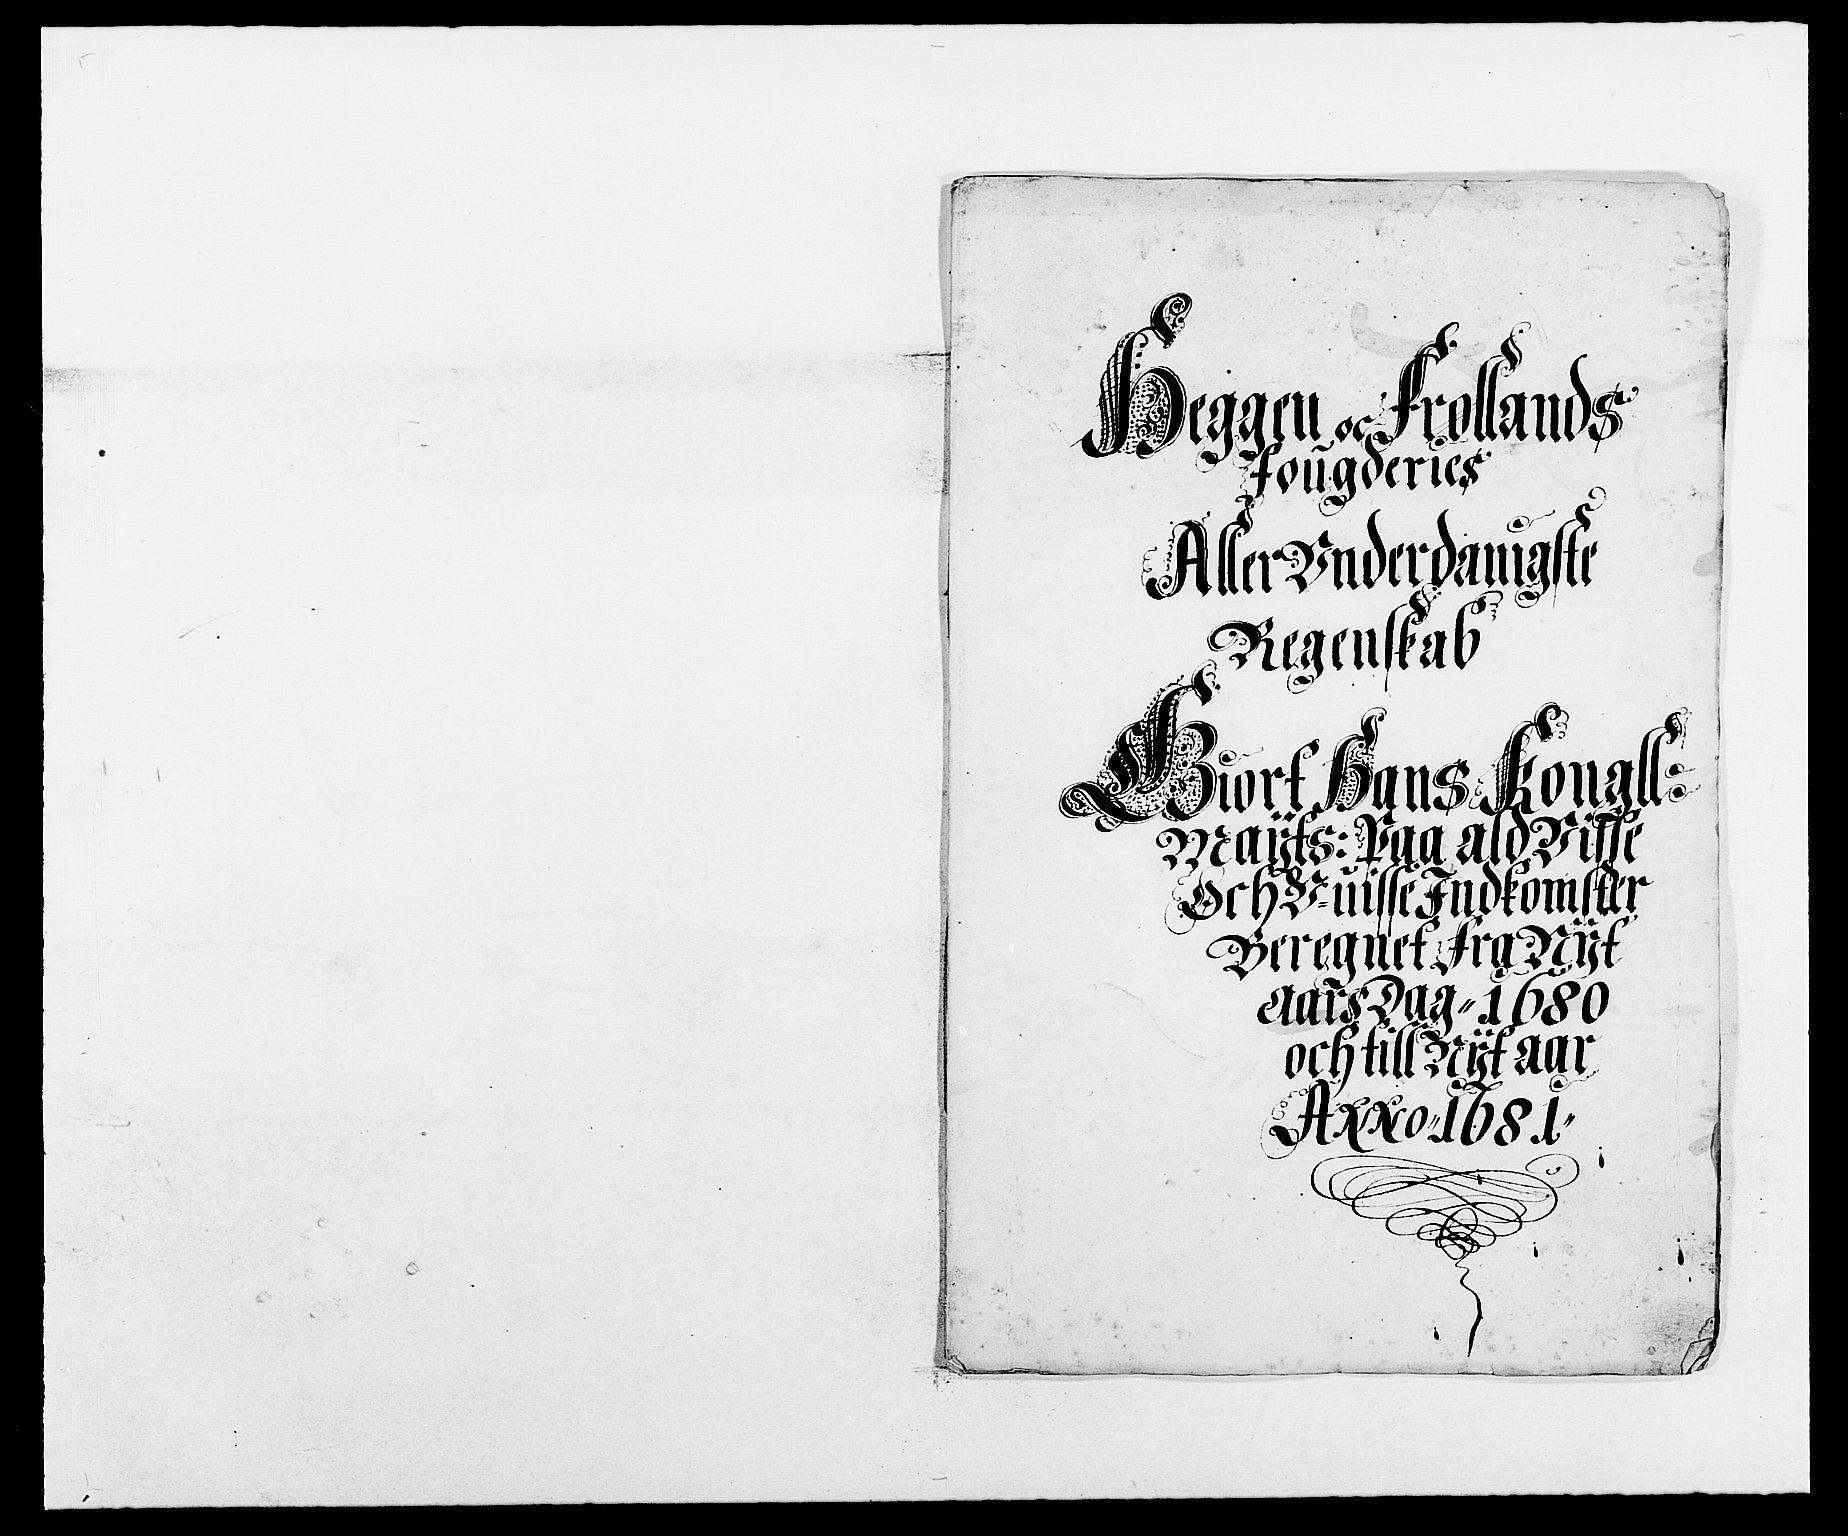 RA, Rentekammeret inntil 1814, Reviderte regnskaper, Fogderegnskap, R06/L0279: Fogderegnskap Heggen og Frøland, 1678-1680, s. 373